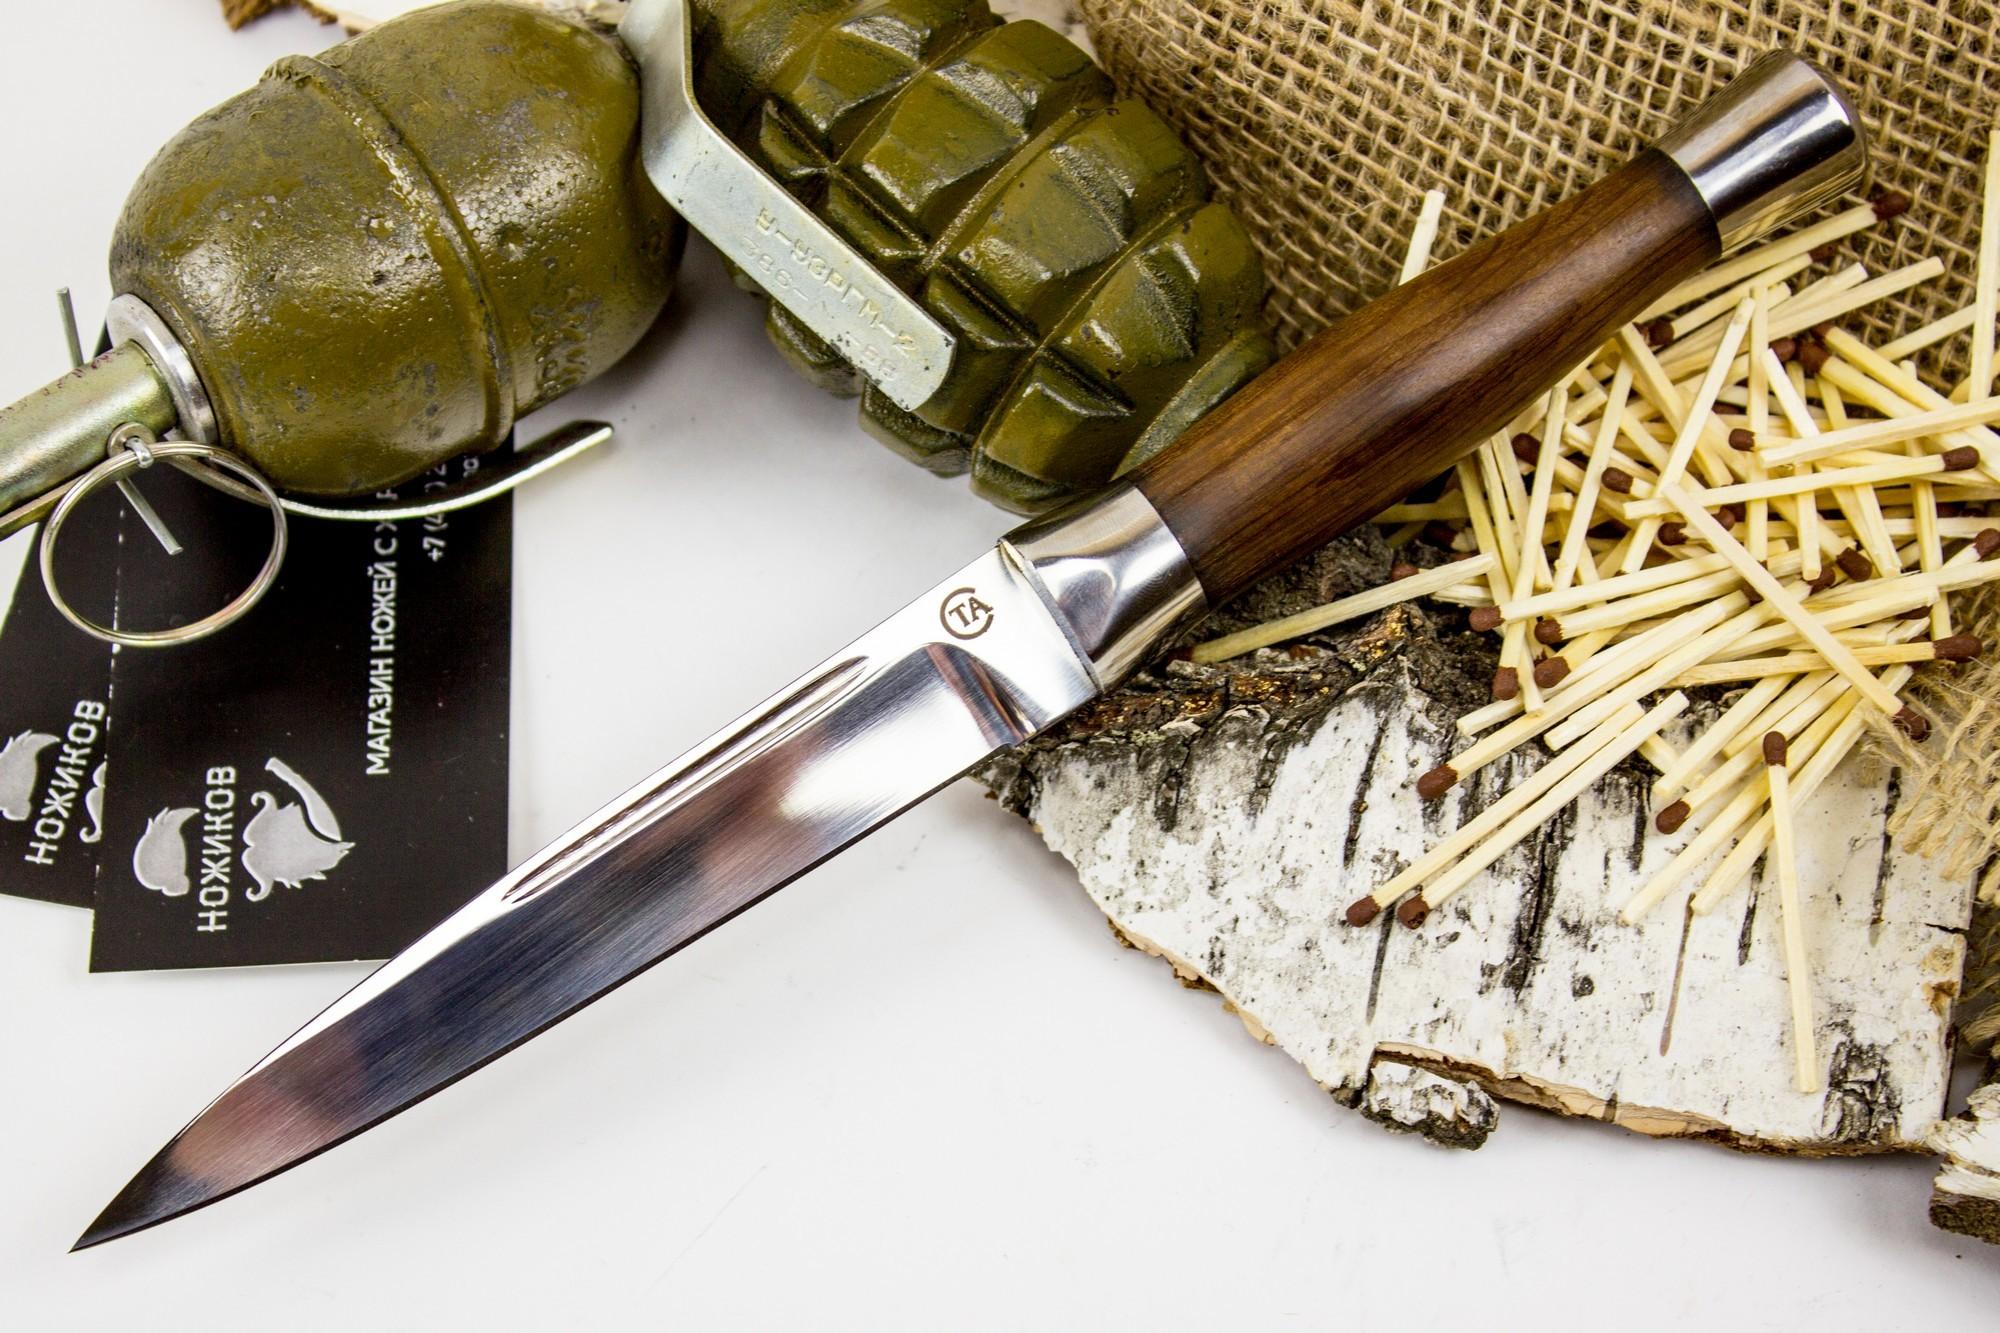 Нож Горец-3М, сталь 95х18 от Титов и Солдатова